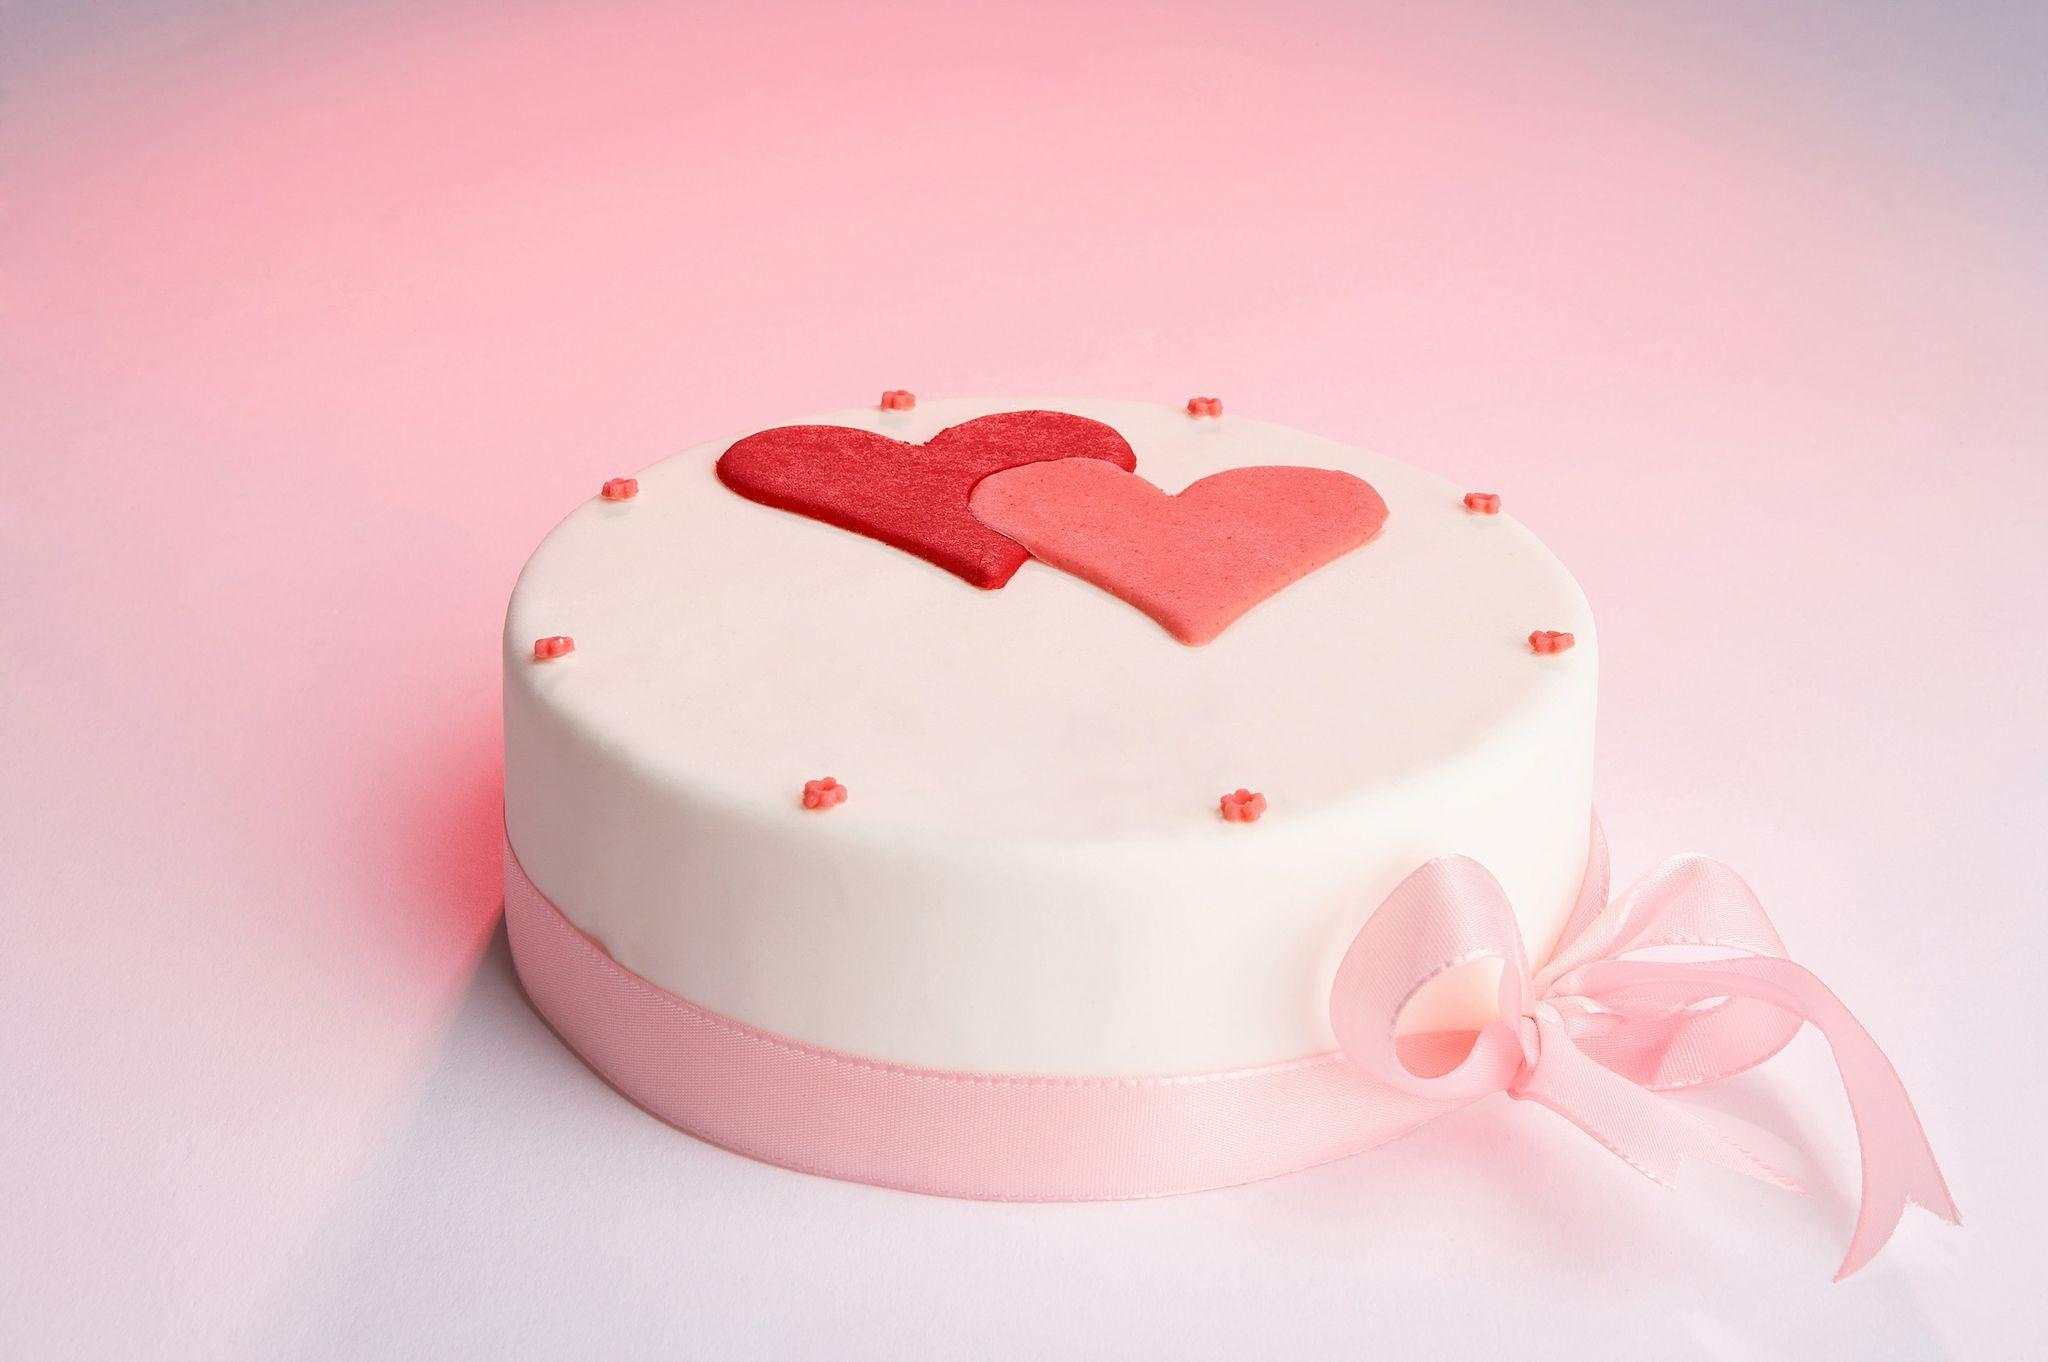 runde Geburtstag / Valentintagstorte